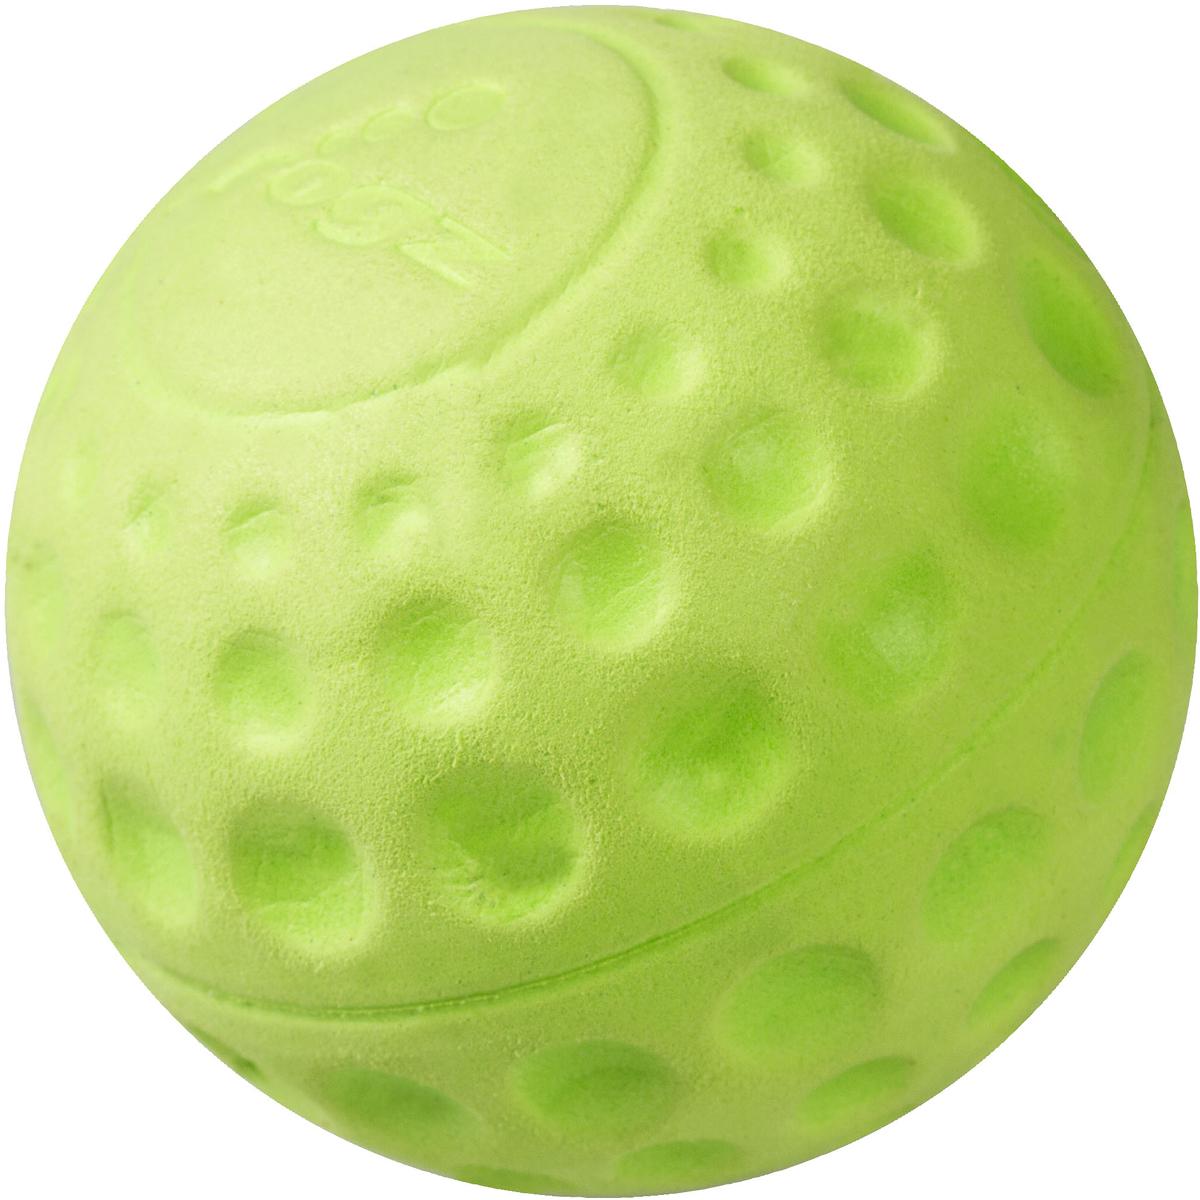 Игрушка для собак Rogz Asteroidz, цвет: лайм, диаметр 6,4 см0120710Мяч для собак Rogz Asteroidz предназначен для игры с хозяином Принеси.Мяч имеет небольшой вес, не травмирует десна, не повреждает зубы, удобно носить в пасти.Отличная упругость для подпрыгивания.Изготовлено из особого термоэла-стопласта Sebs, обеспечивающего великолепную плавучесть в воде, поэтому игрушка отлично подходит для игры в водоеме. Материал изделия: EVA (этиленвинилацетат) - легкий мелкопористый материал, похожий на застывшую пену.Не токсичен.